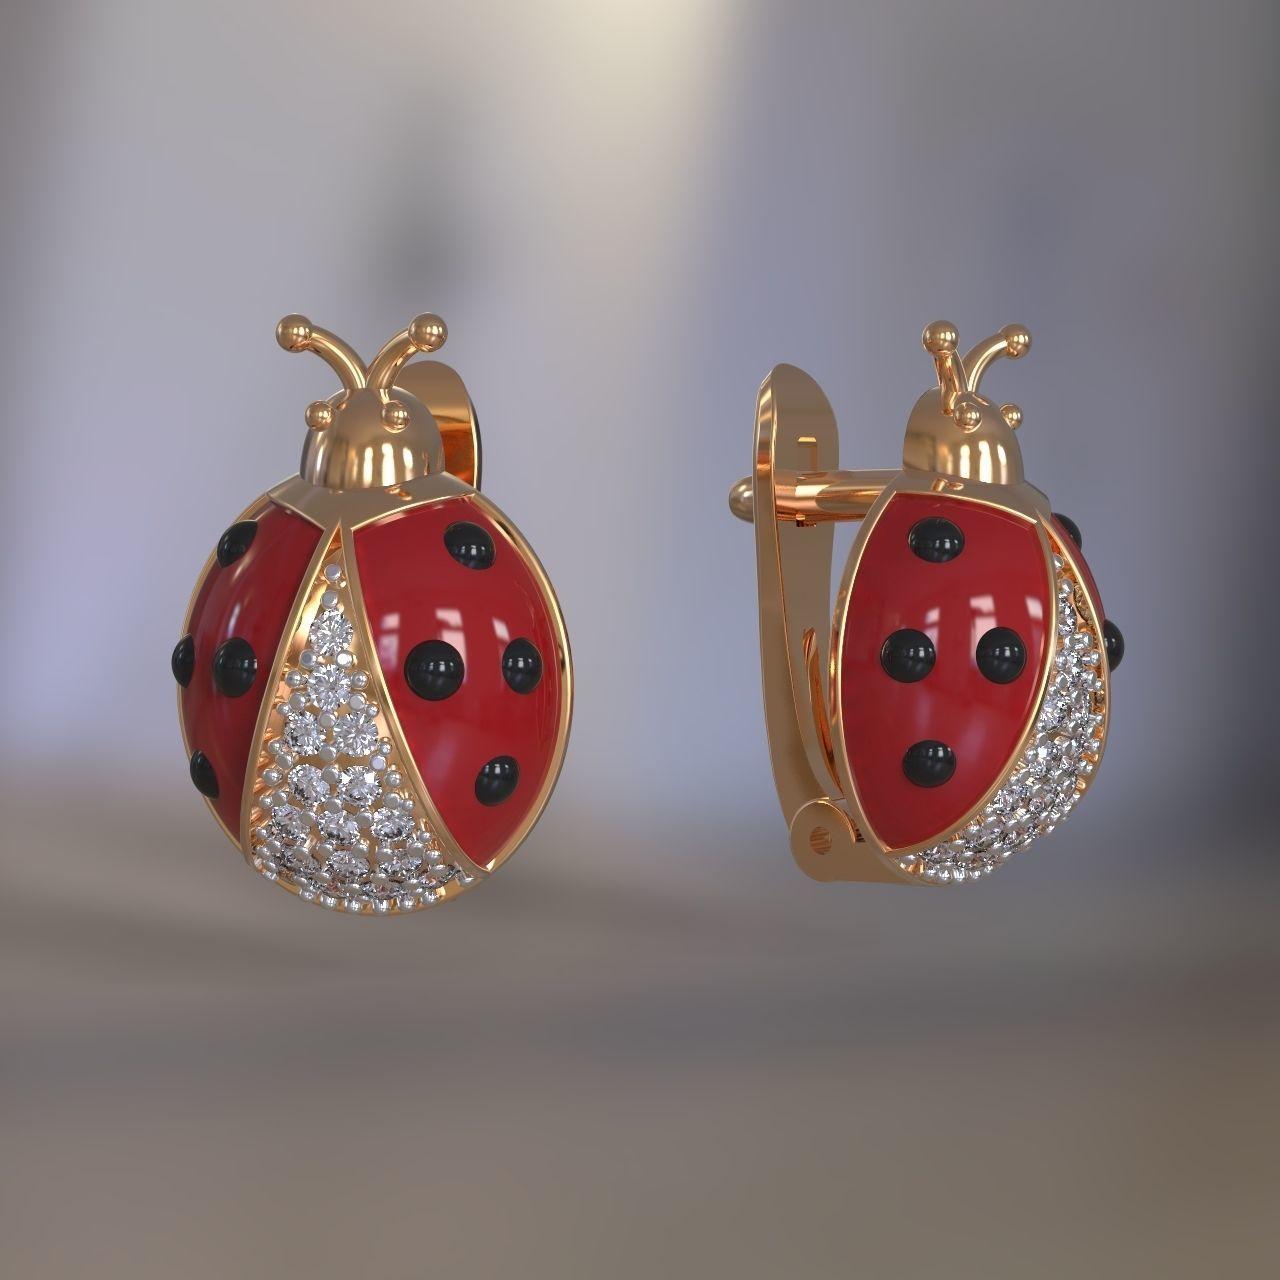 Ladybug earrings for girls with enamel